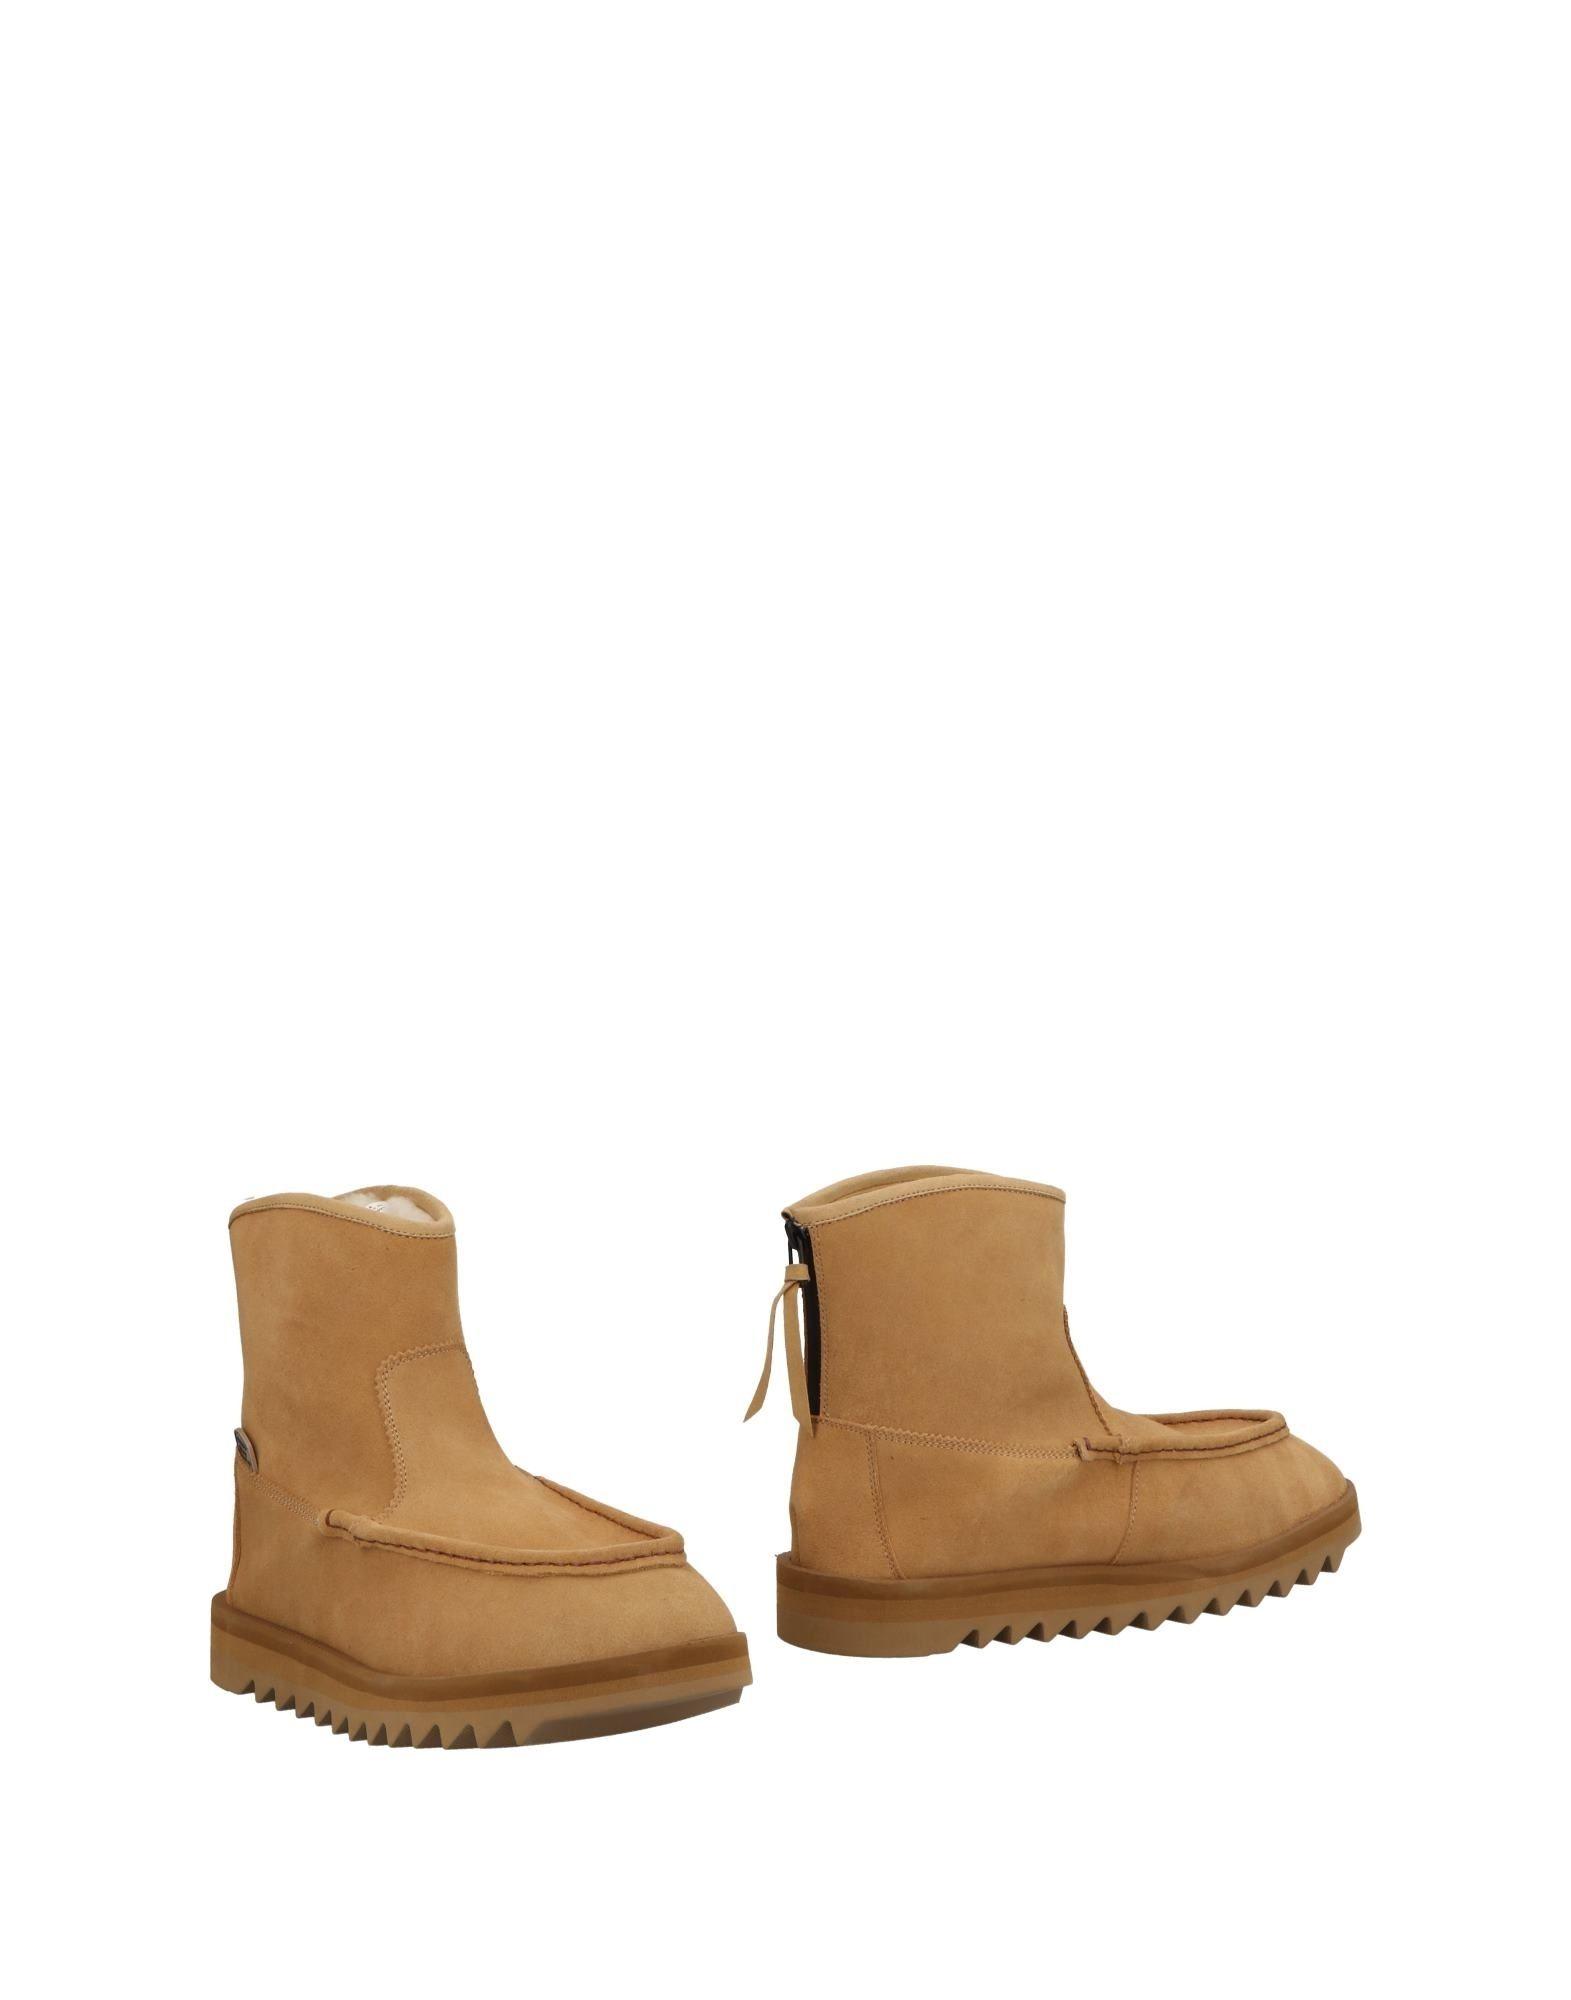 Suicoke Stiefelette Herren  11486961HR Gute Qualität beliebte Schuhe